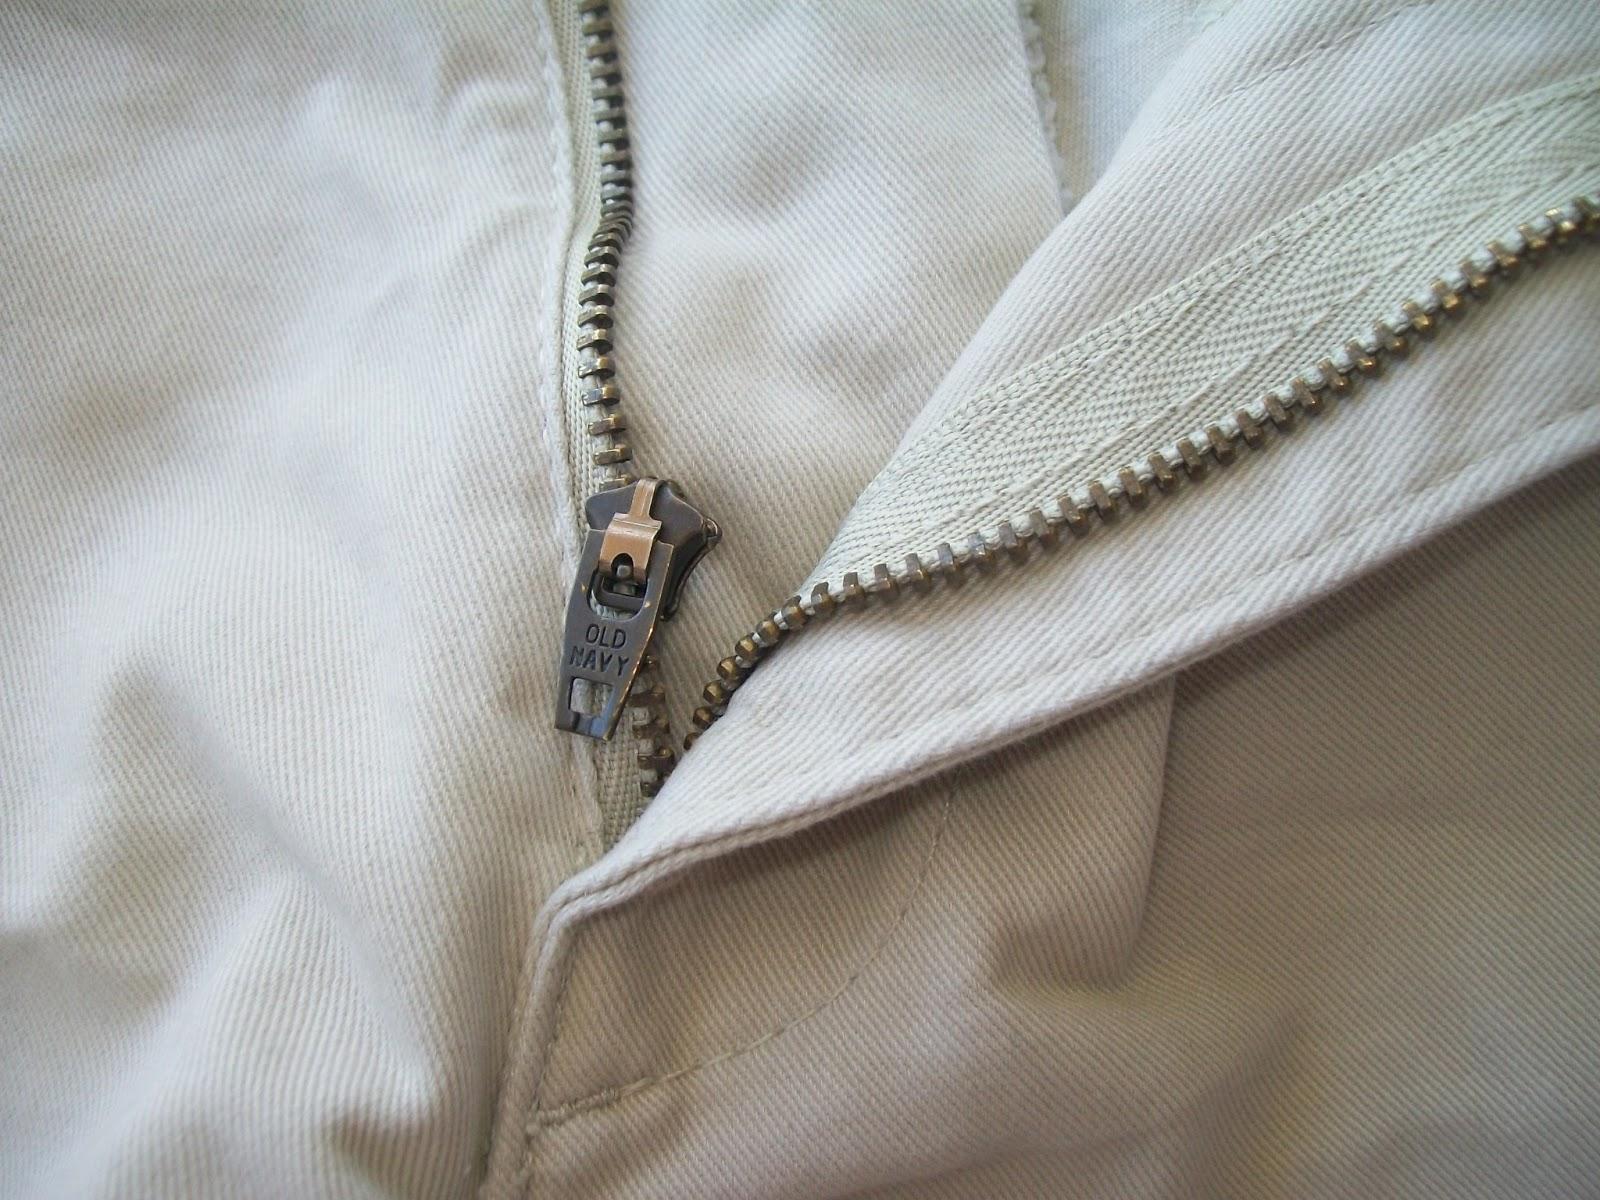 Kyliies thread tutorial how to fix a broken zipper tutorial how to fix a broken zipper ccuart Gallery